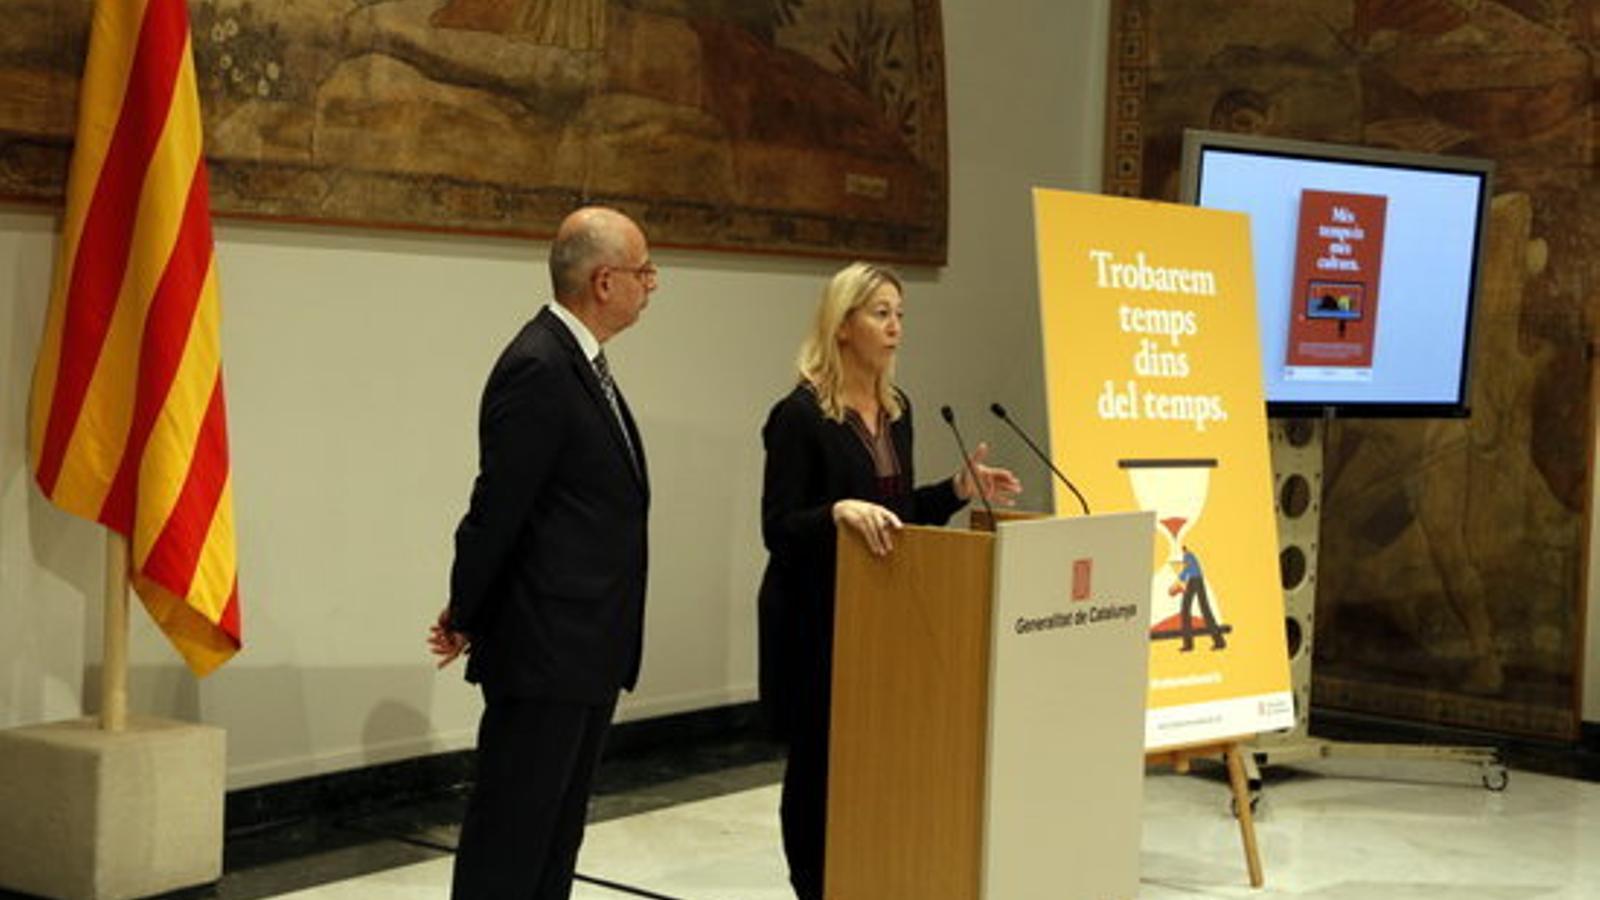 El director general de difusió, Ignasi Genovès, i la consellera de la Presidència, Neus Munté, durant l'acte de presentació de la campanya sobre la reforma horària